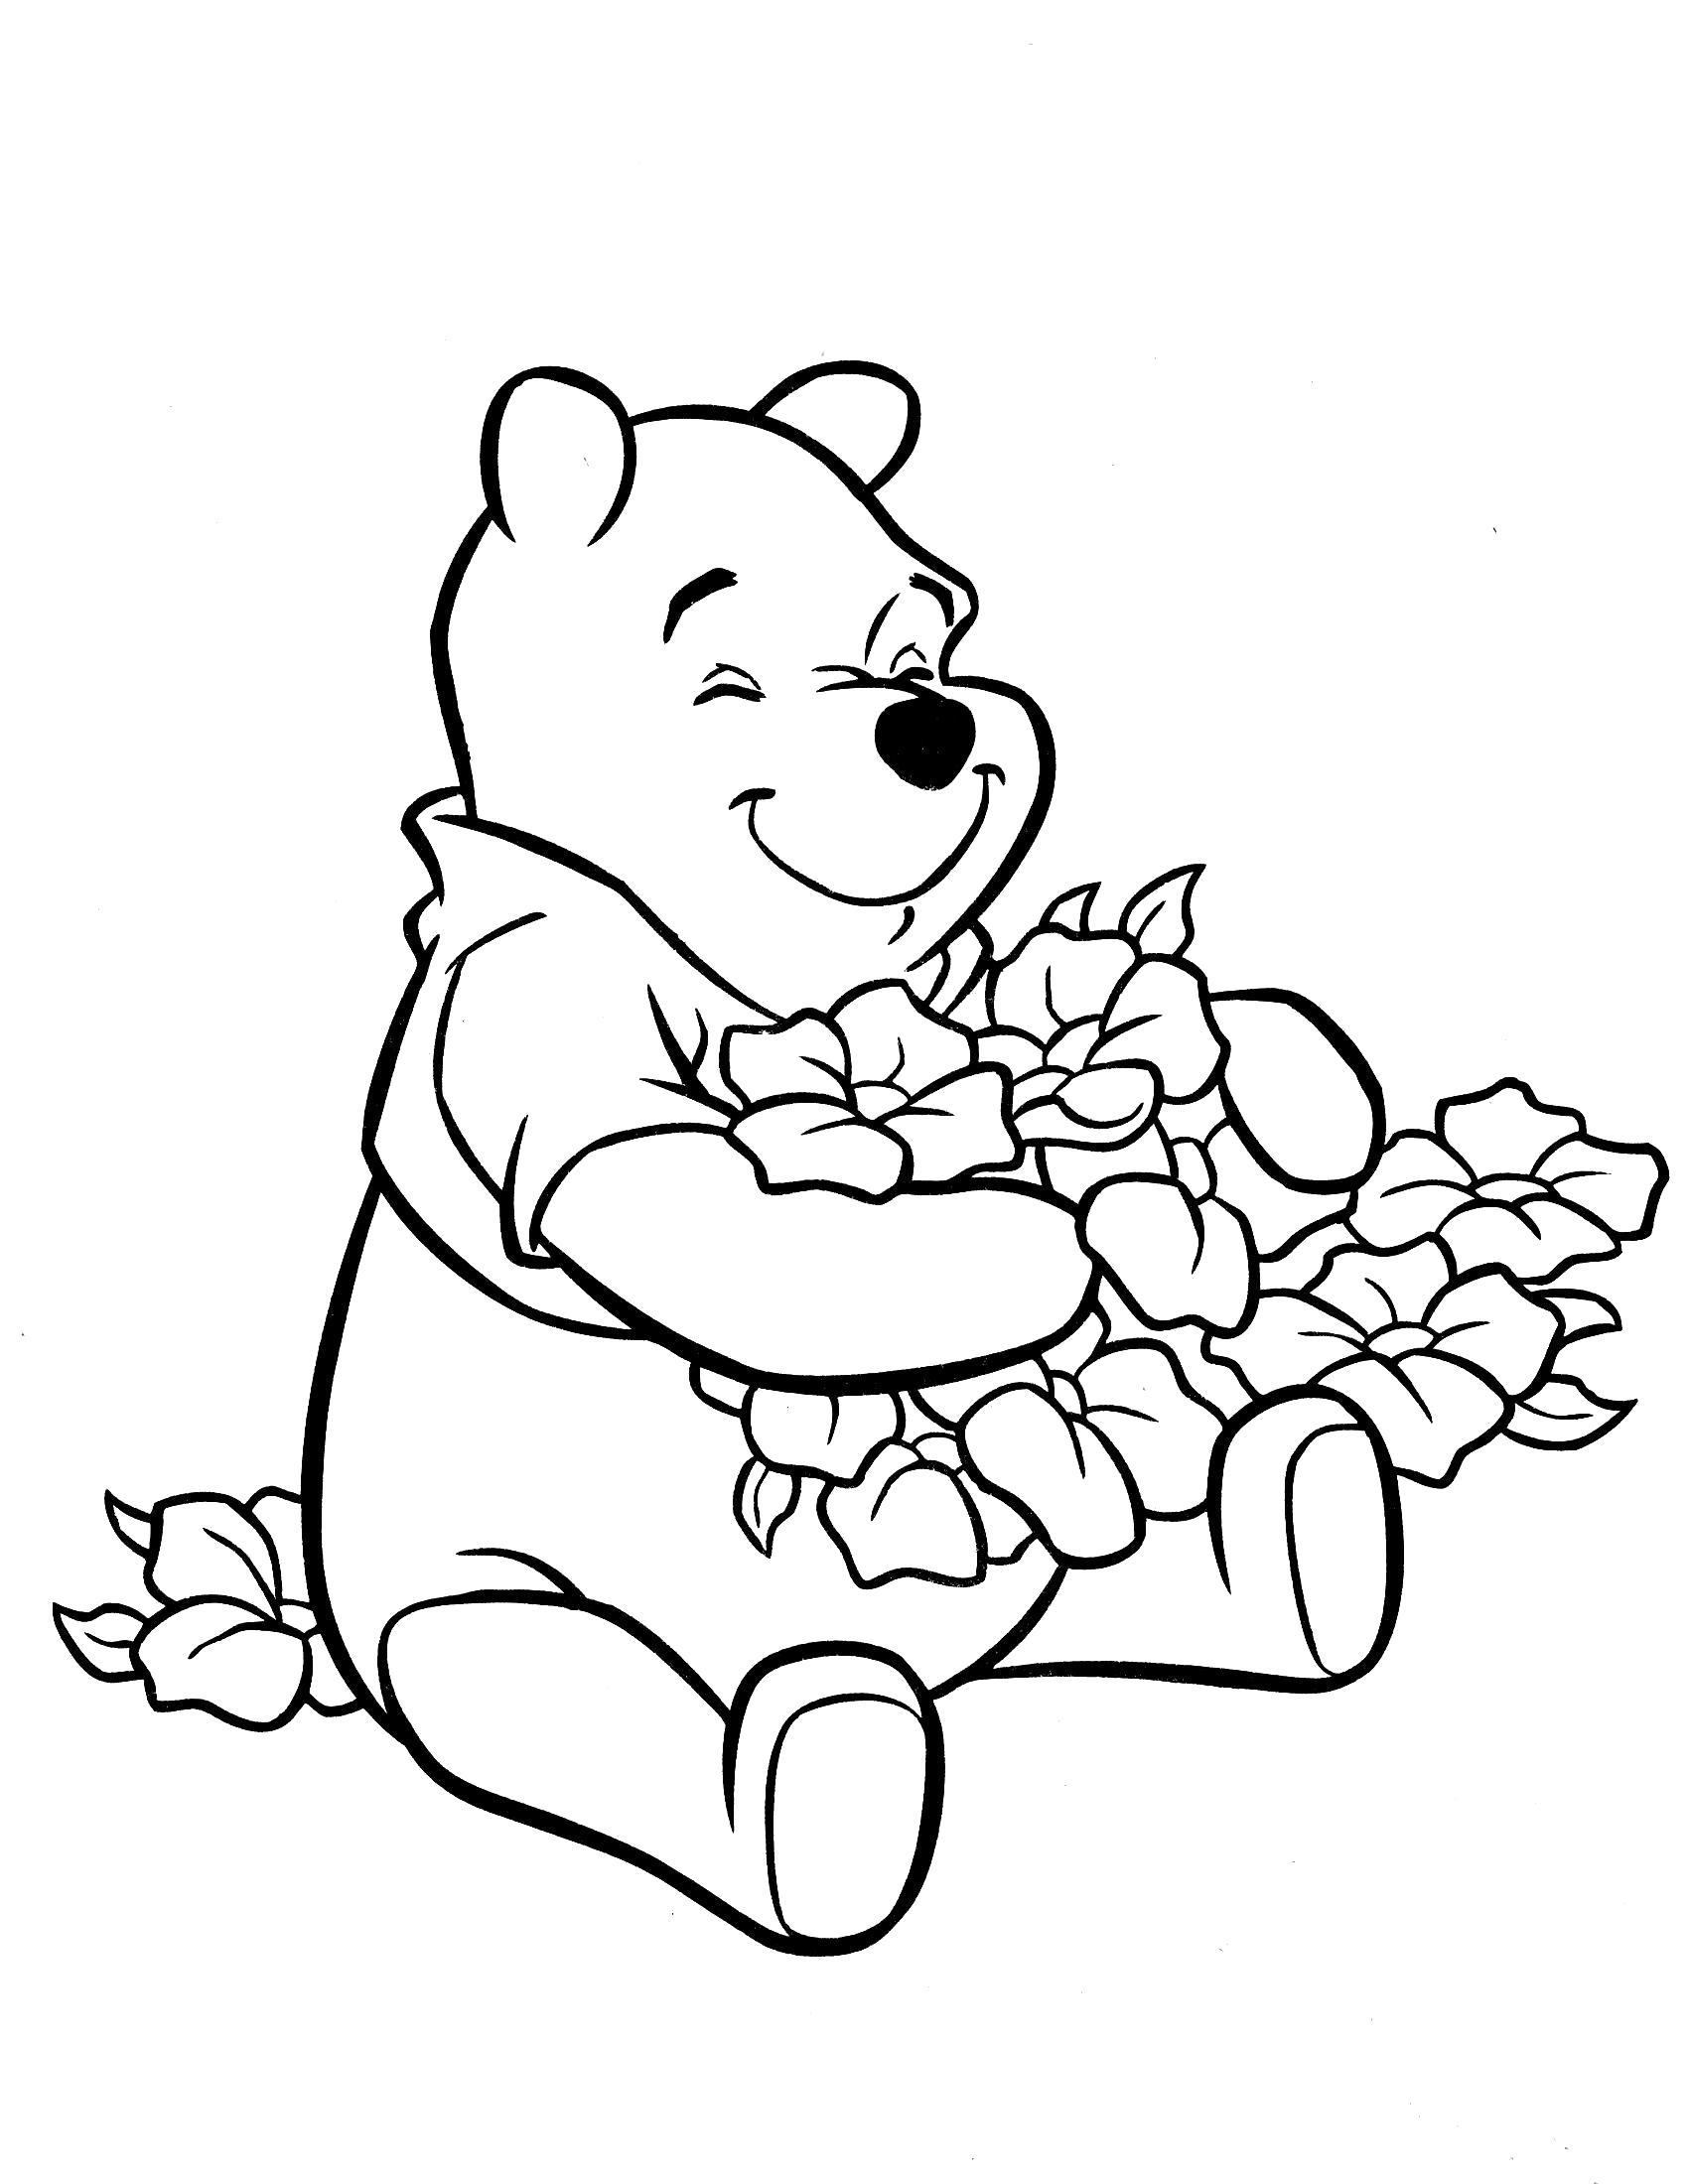 Название: Раскраска Мишка с цветами. Категория: Винни Пух. Теги: Винни Пух.